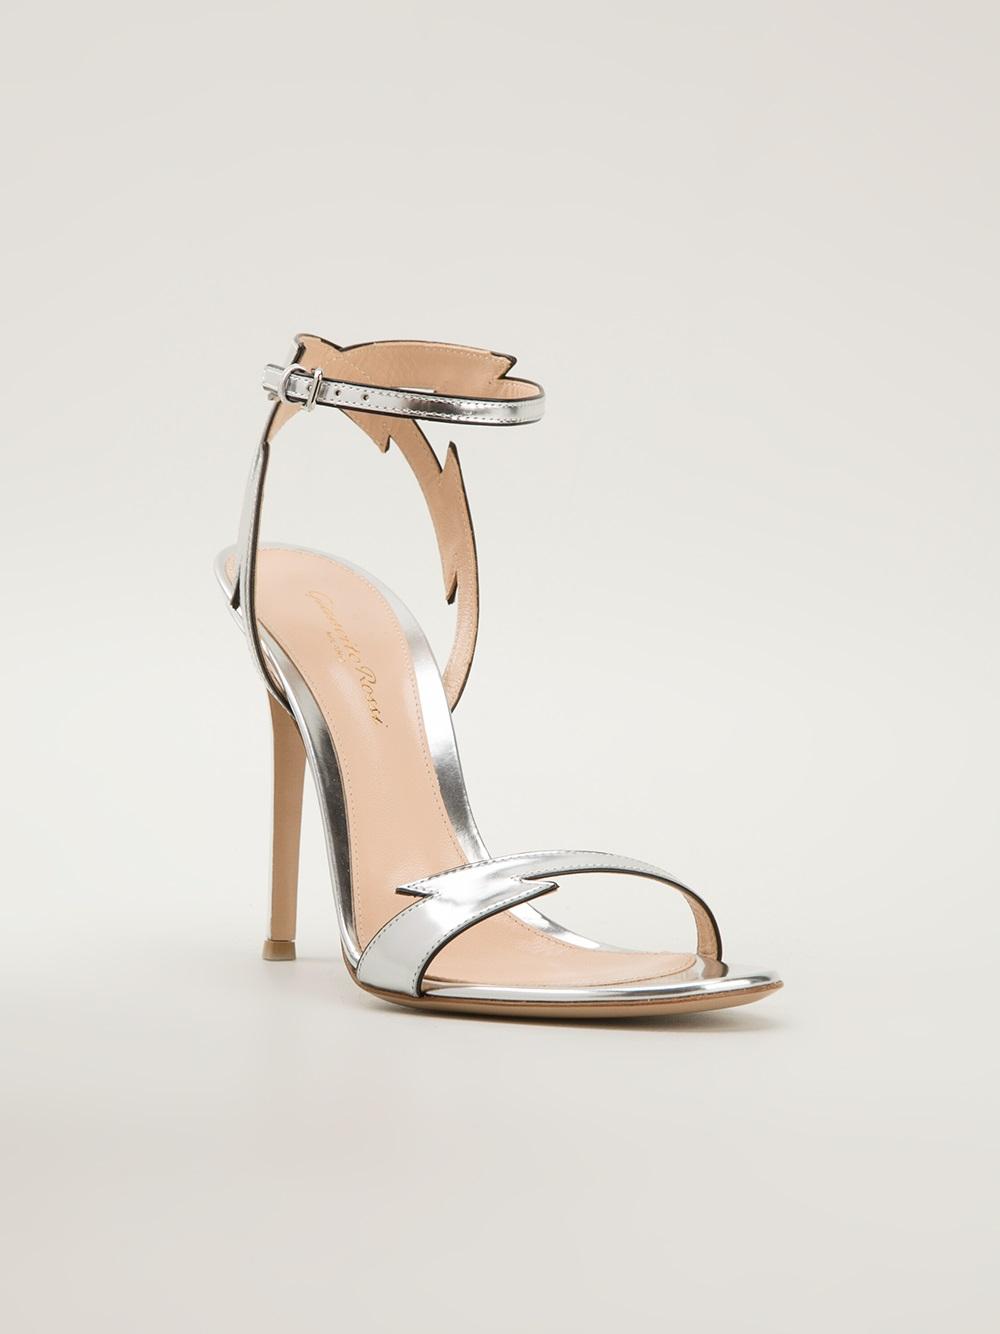 Gianvito Rossi Strappy Stiletto Sandals In Silver